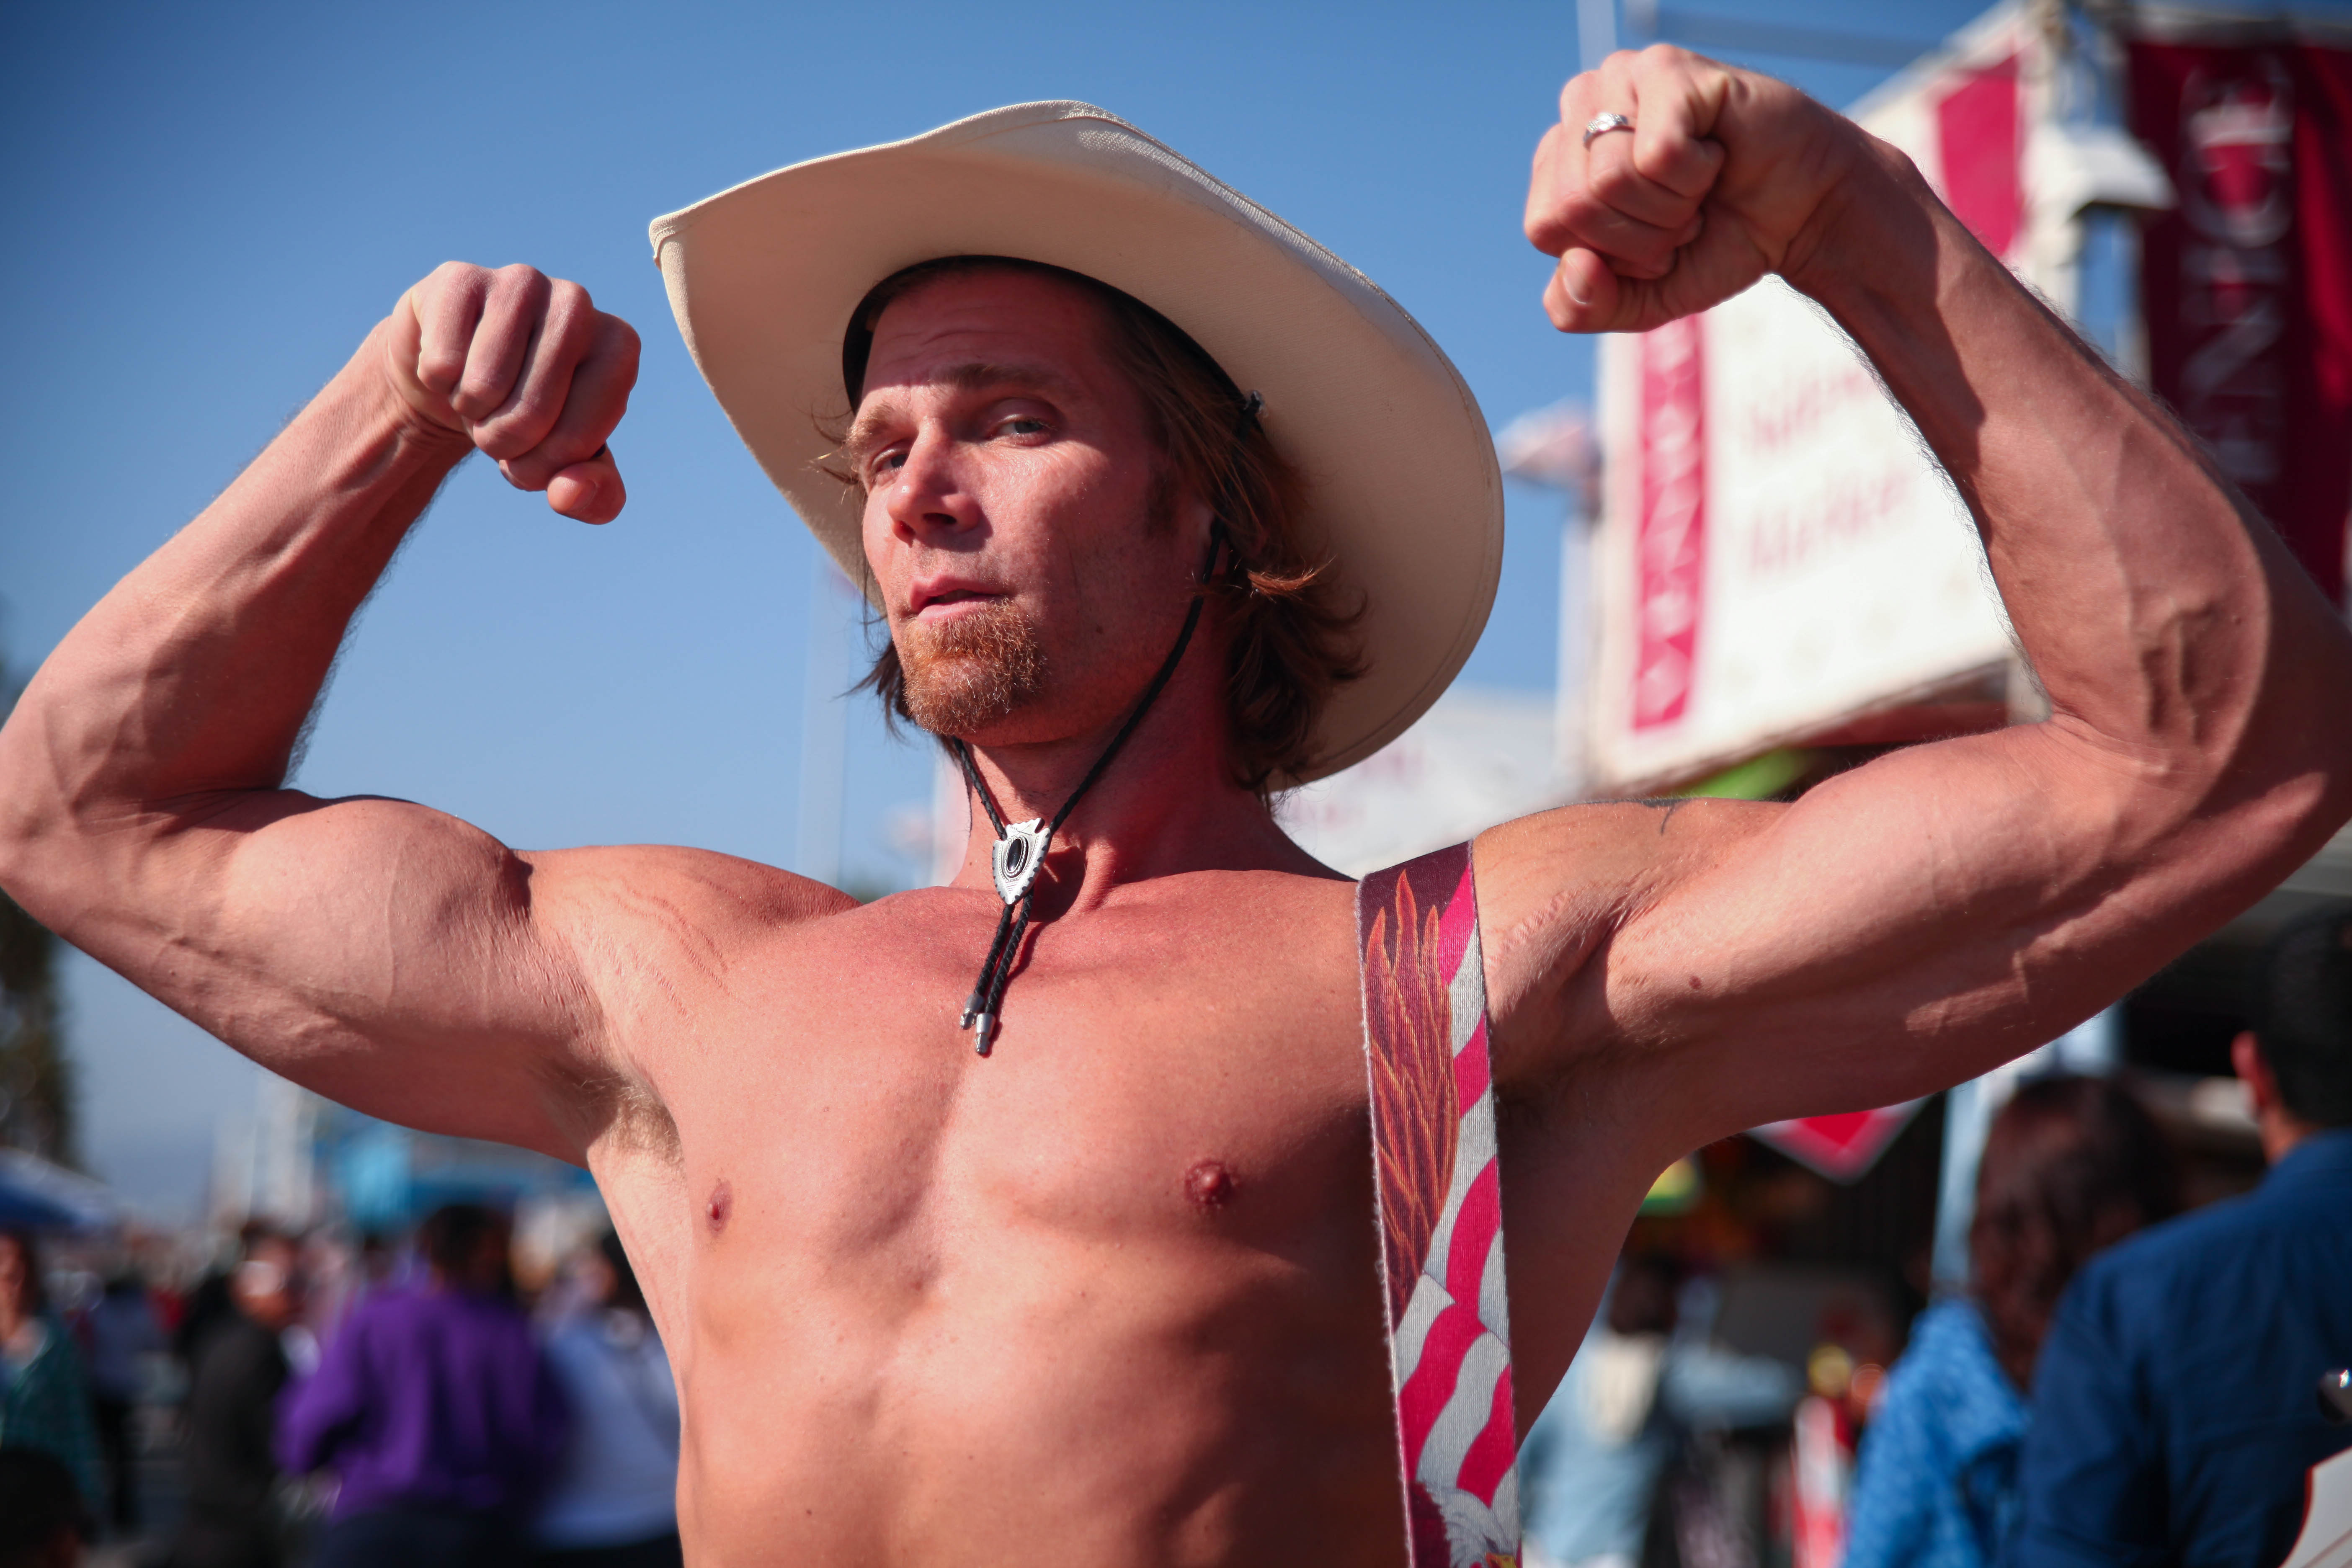 venice+cowboy-1.jpg